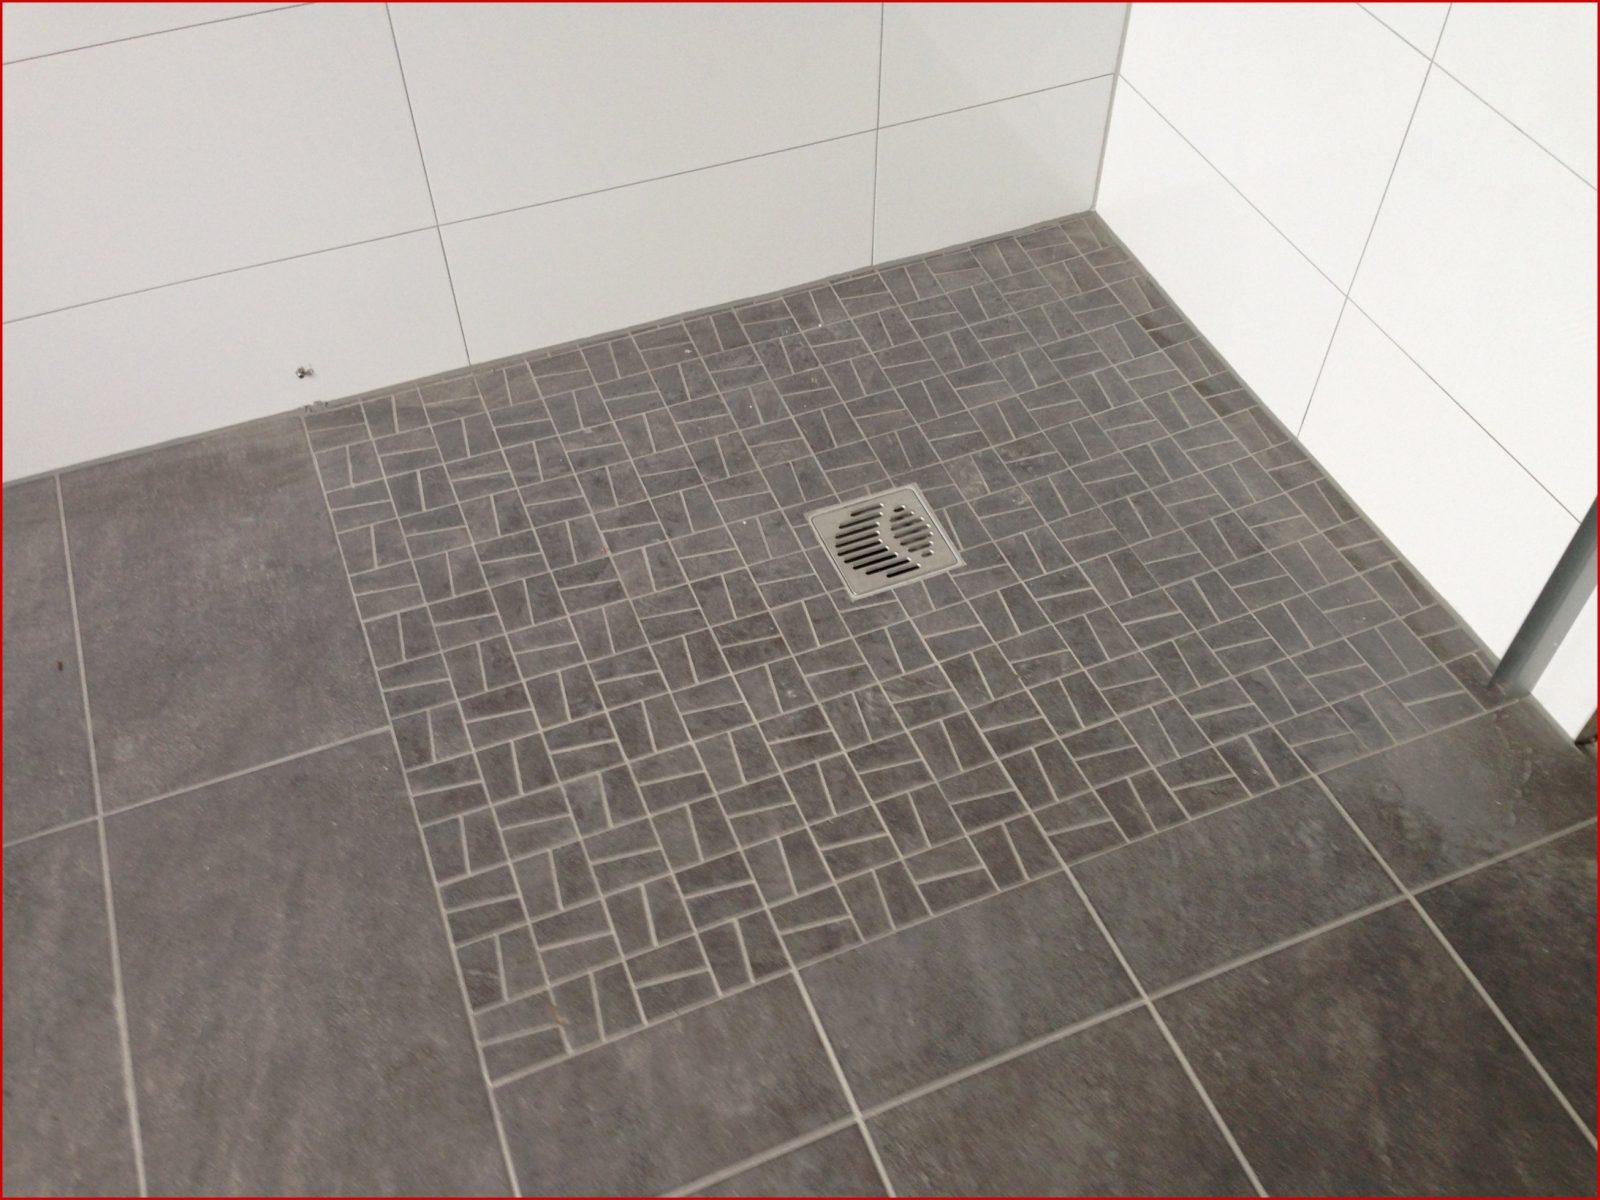 Mosaik Fliesen Dusche 266012 25 Einziehung And Boden  Love von Mosaik Fliesen Dusche Boden Bild